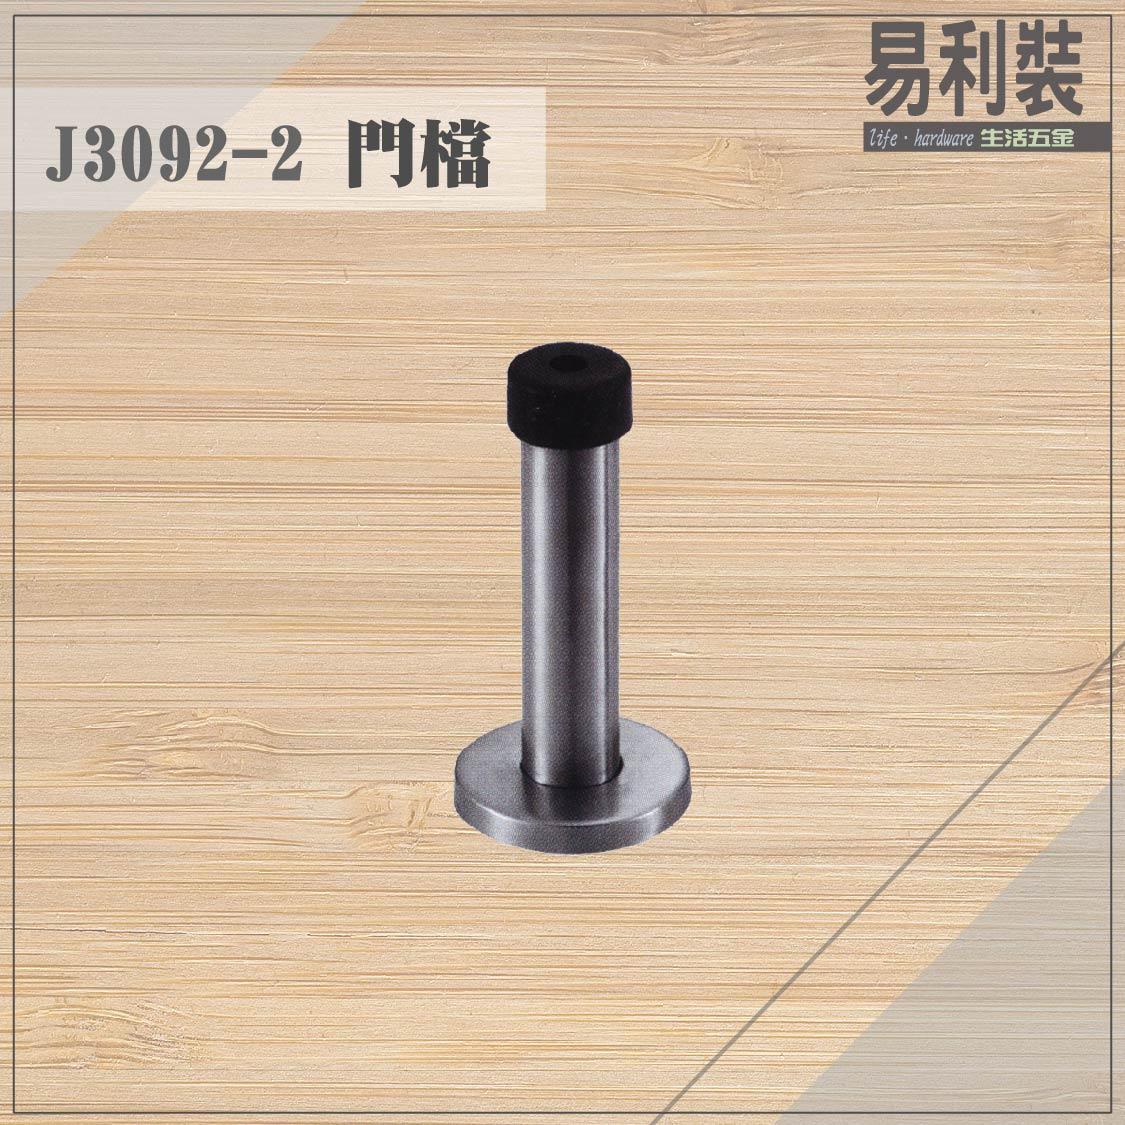 【 EASYCAN  】J3092-1 不鏽鋼門檔 易利裝生活五金 浴室 廚房 房間 臥房 衣櫃 小資族 辦公家具 系統家具 0